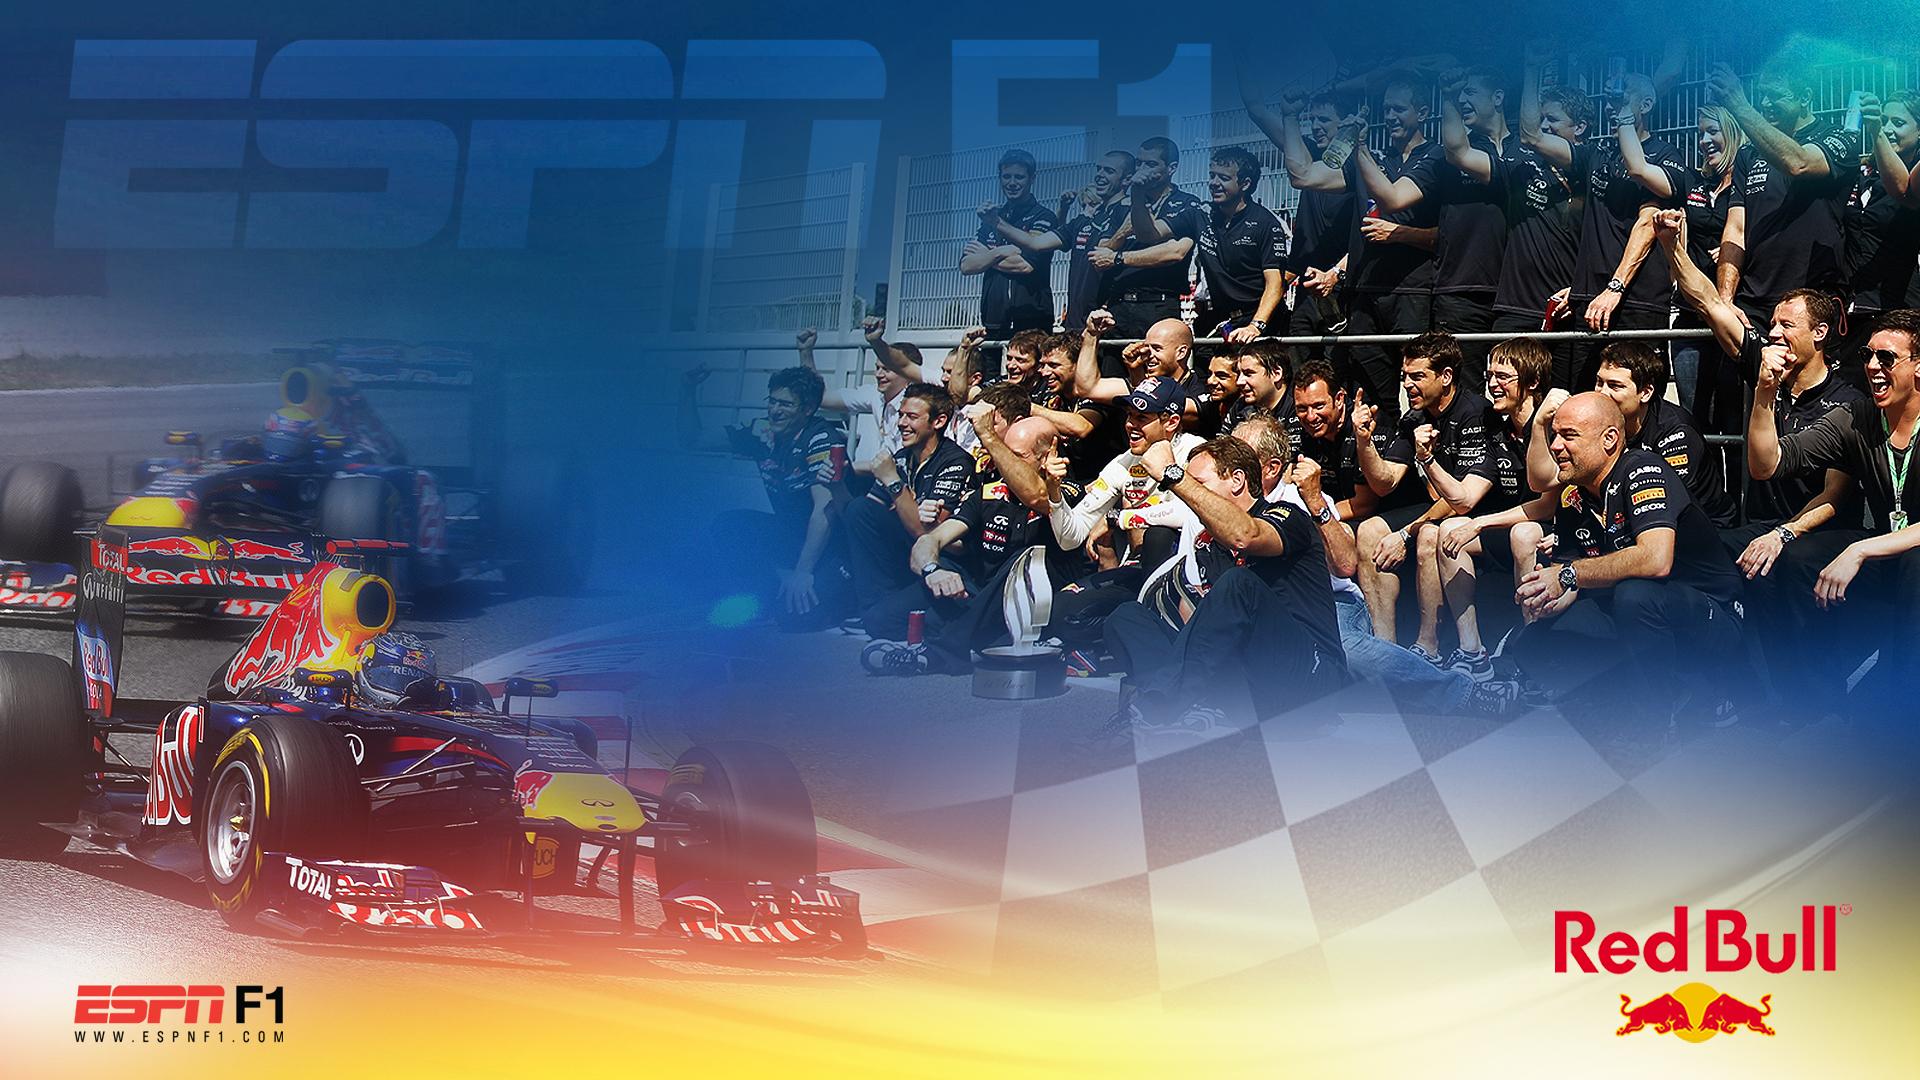 Red Bull 2011